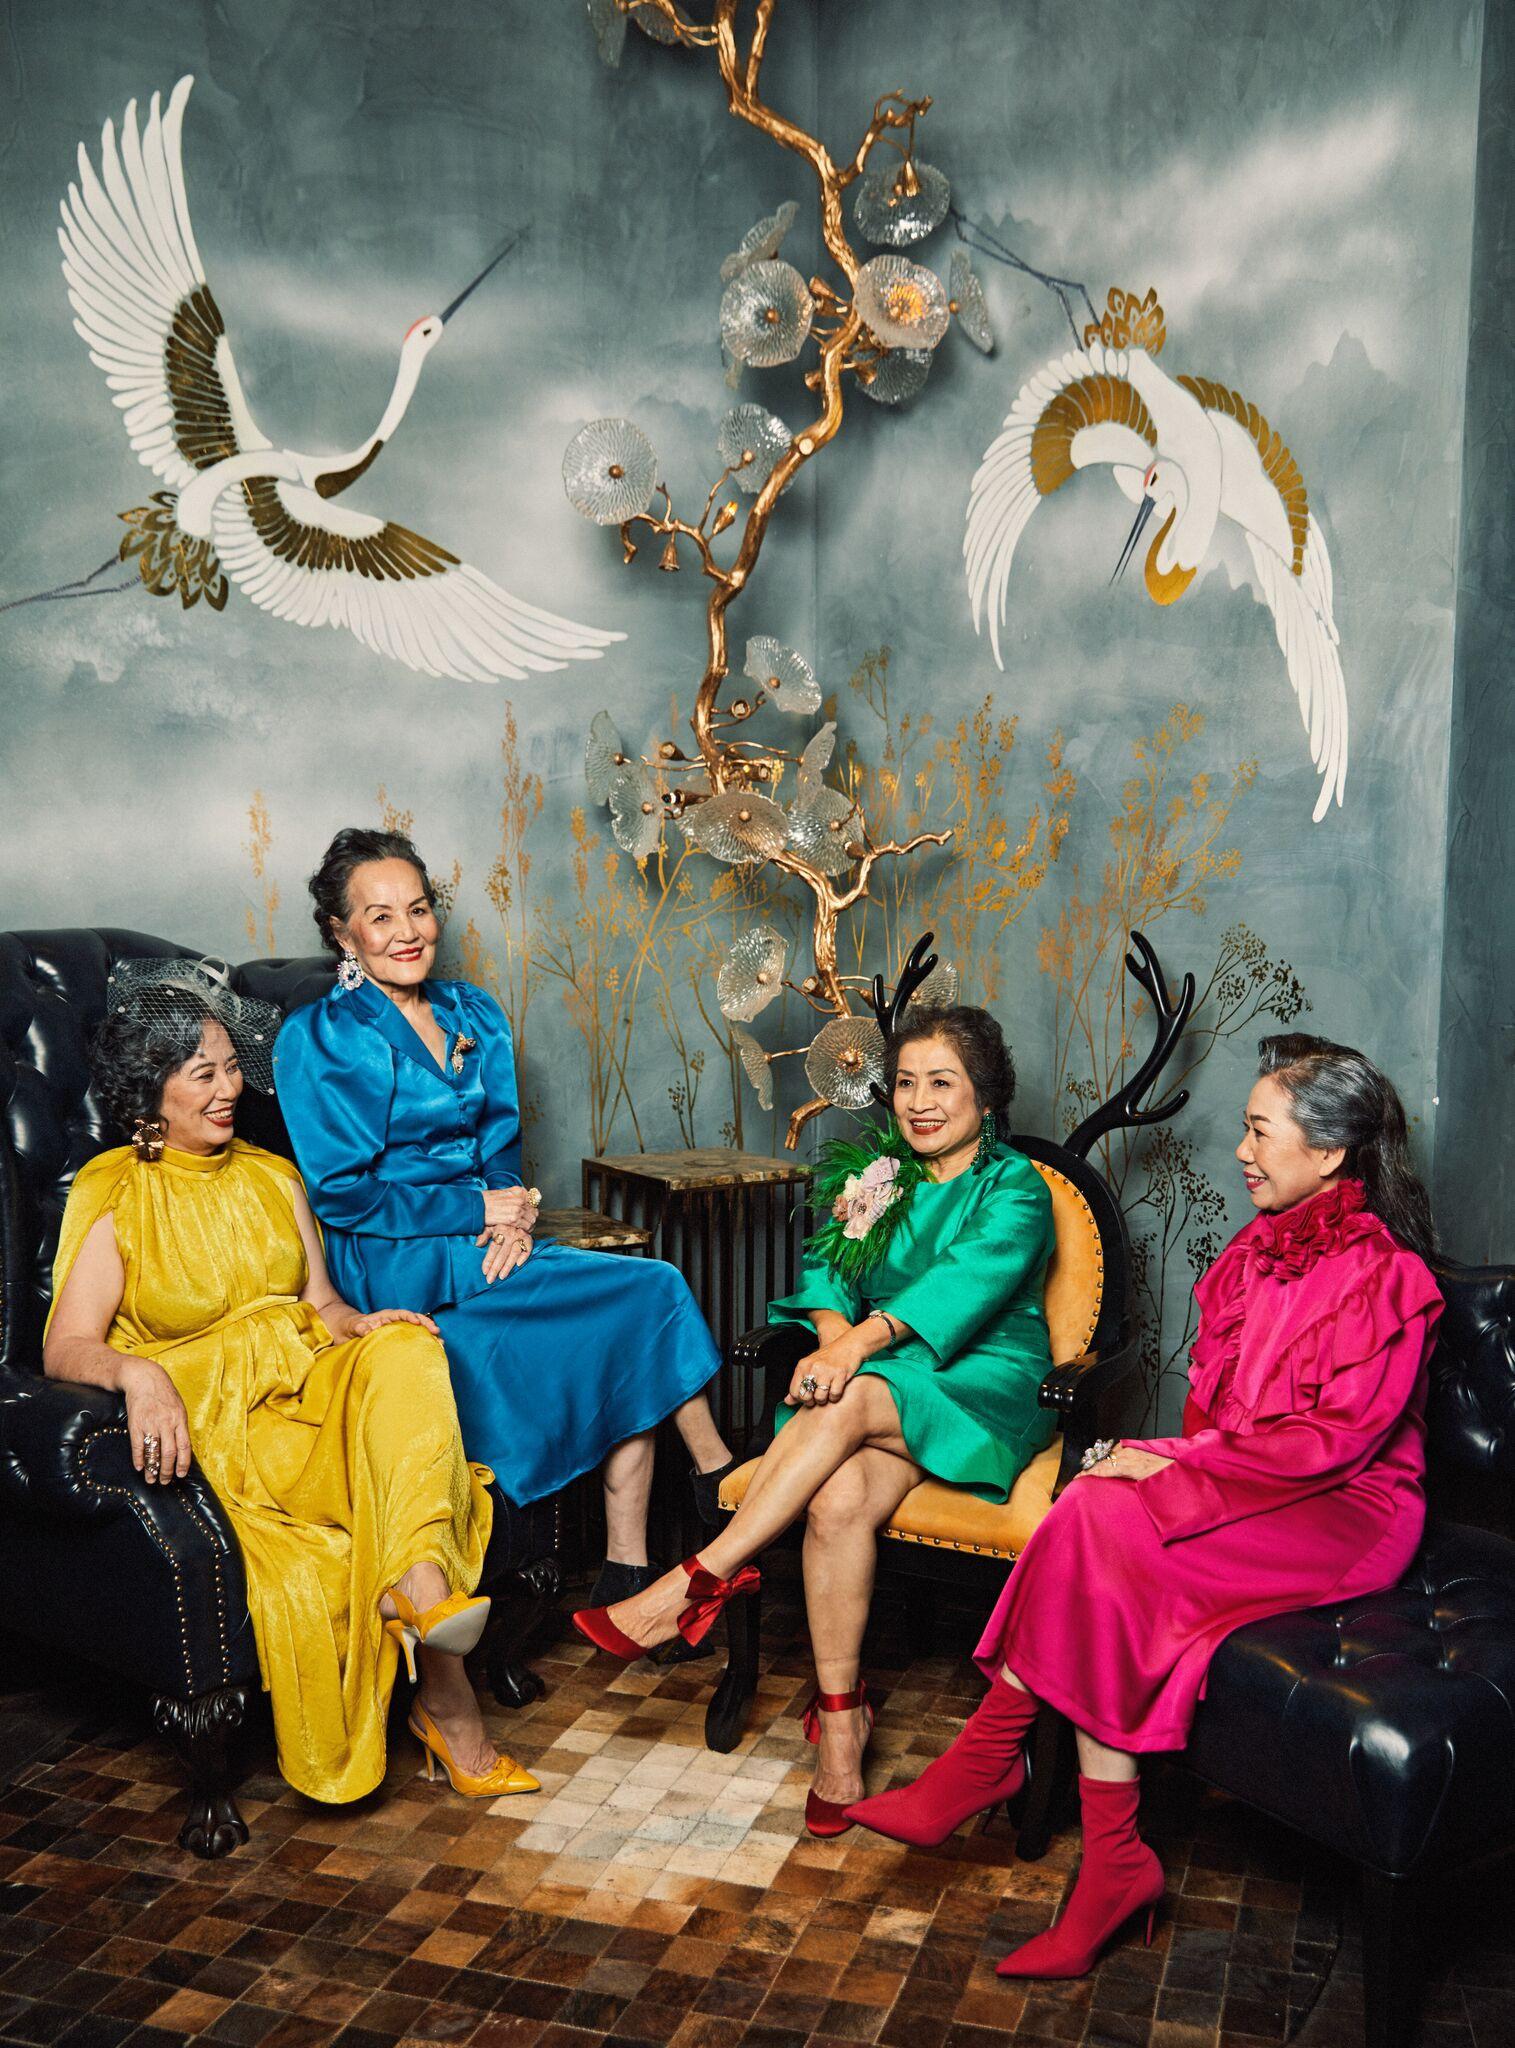 Bộ ảnh 4 người bạn thân khi về già vẫn xinh đẹp lộng lẫy, hạnh phúc bên nhau khiến bao chị em ghen tị ngày 8/3 2